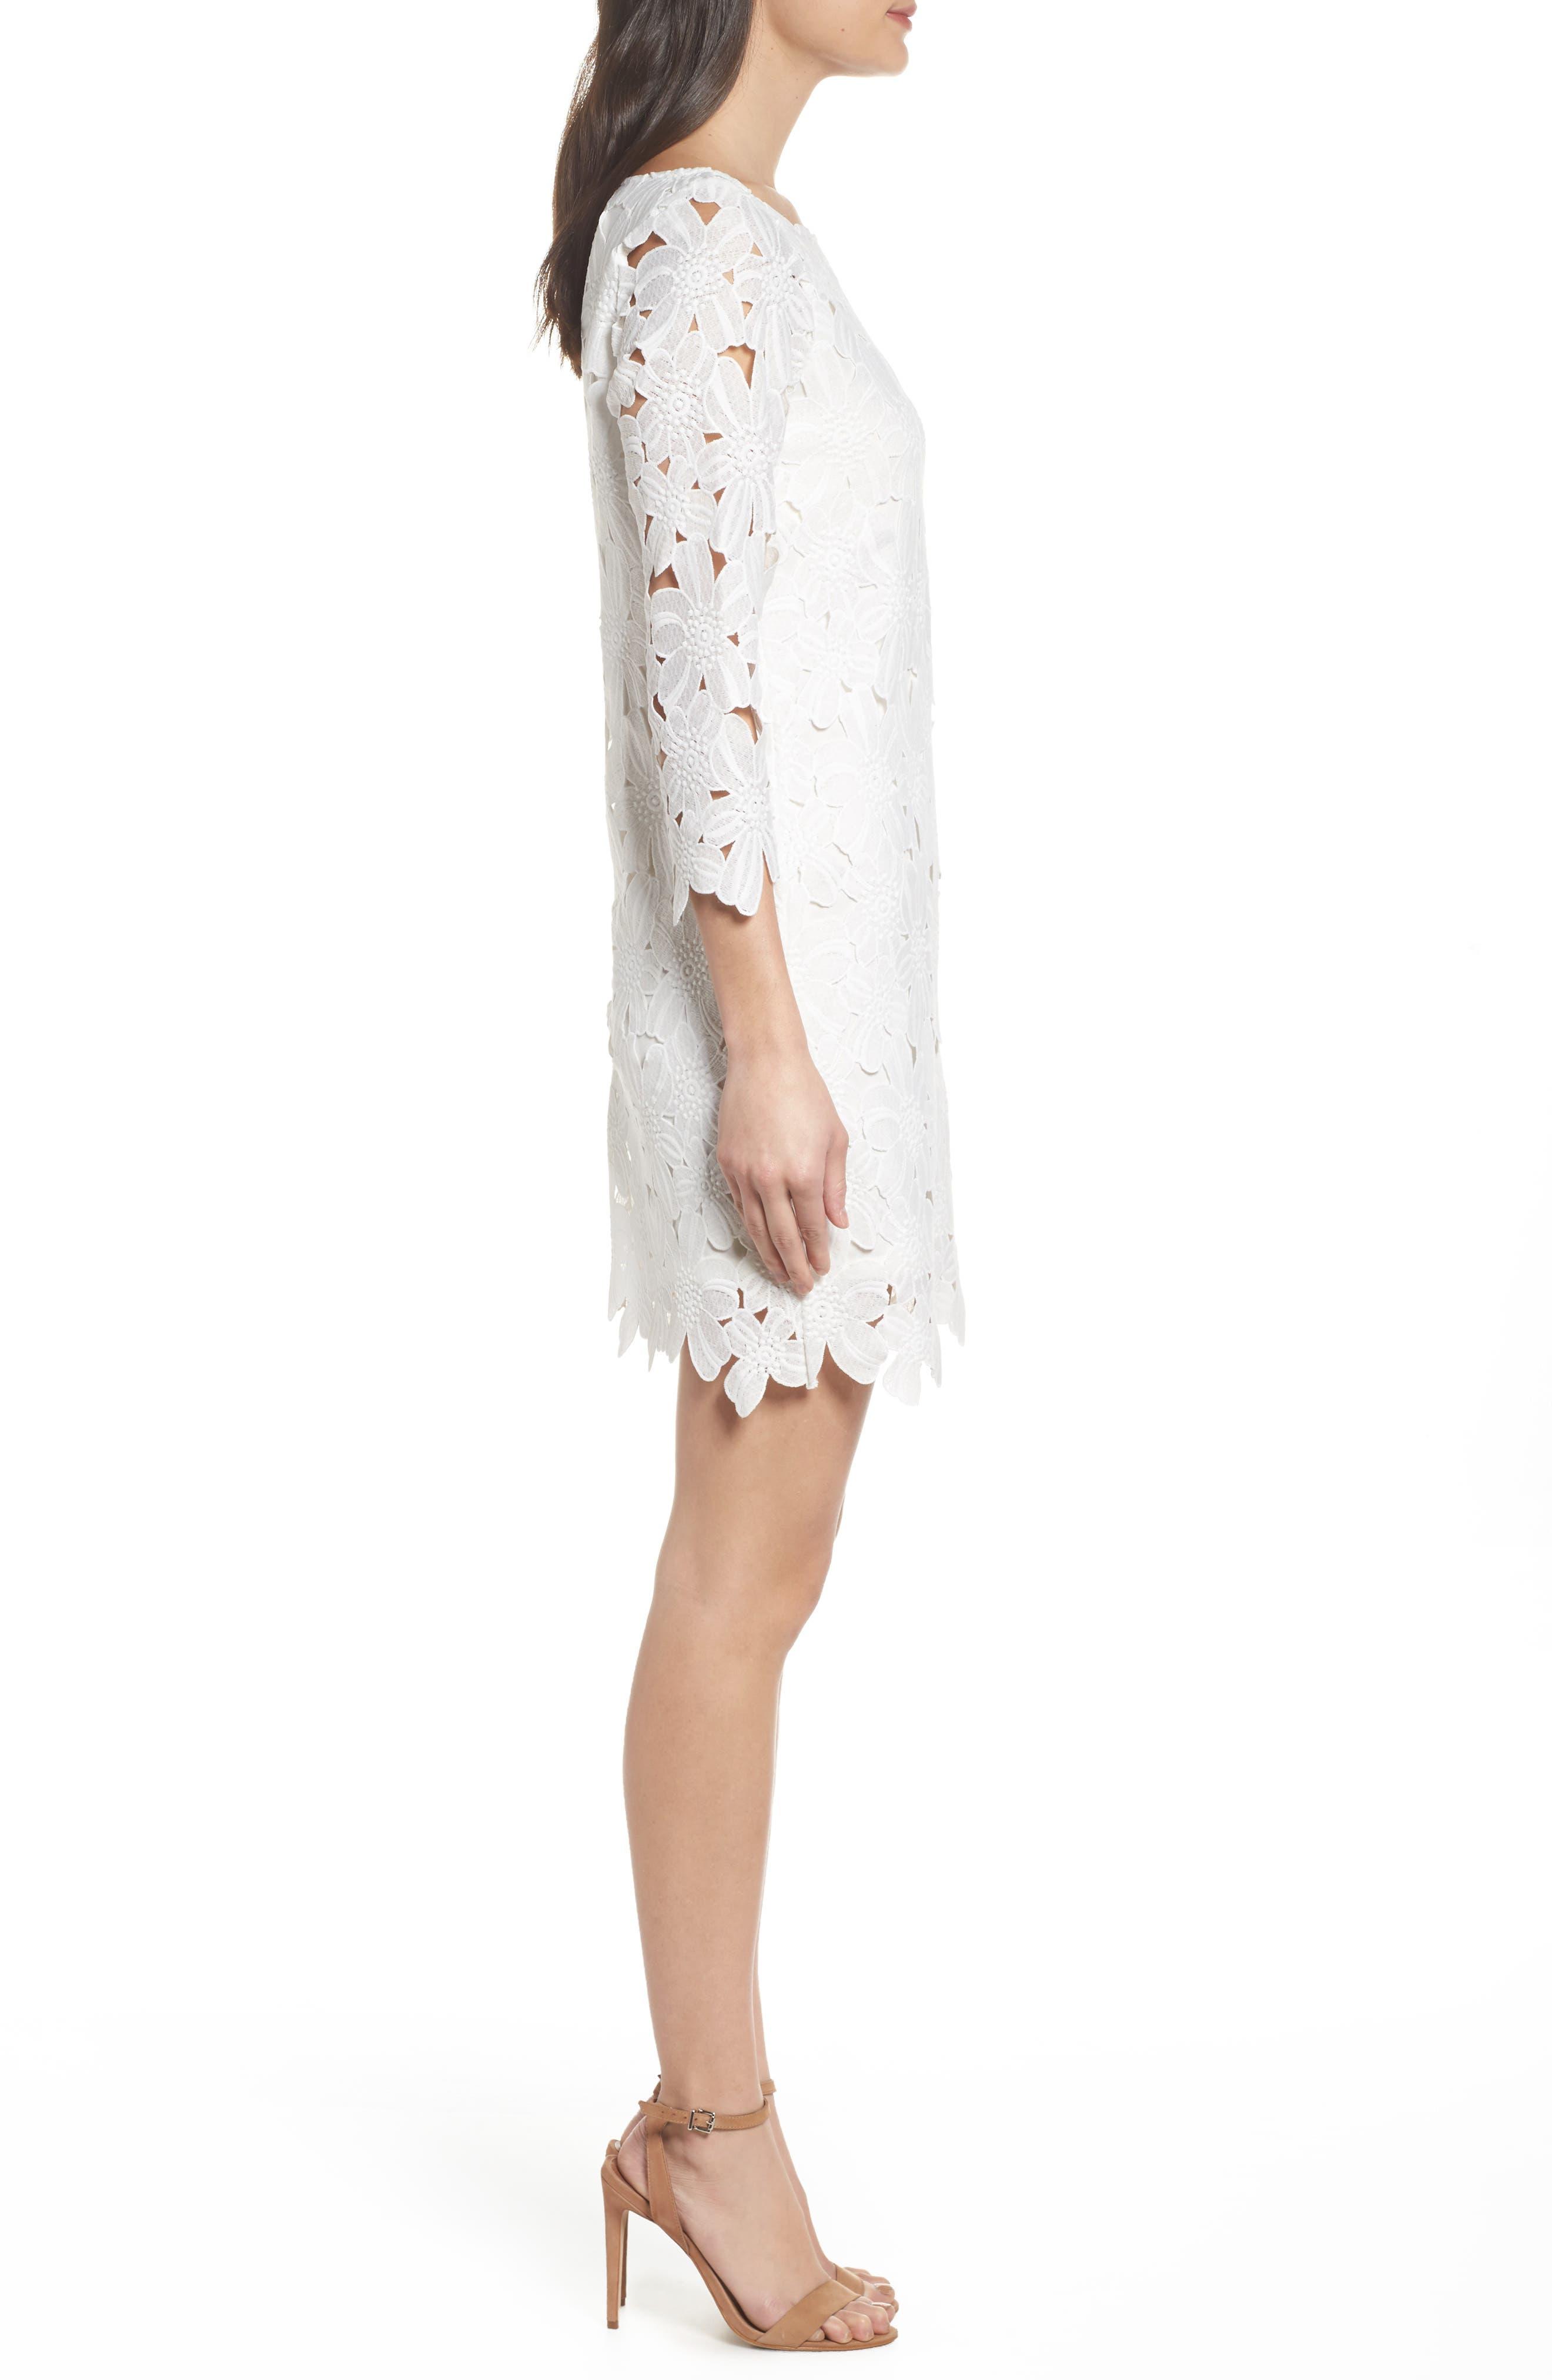 Belza Floral Lace Shift Dress,                             Alternate thumbnail 3, color,                             100